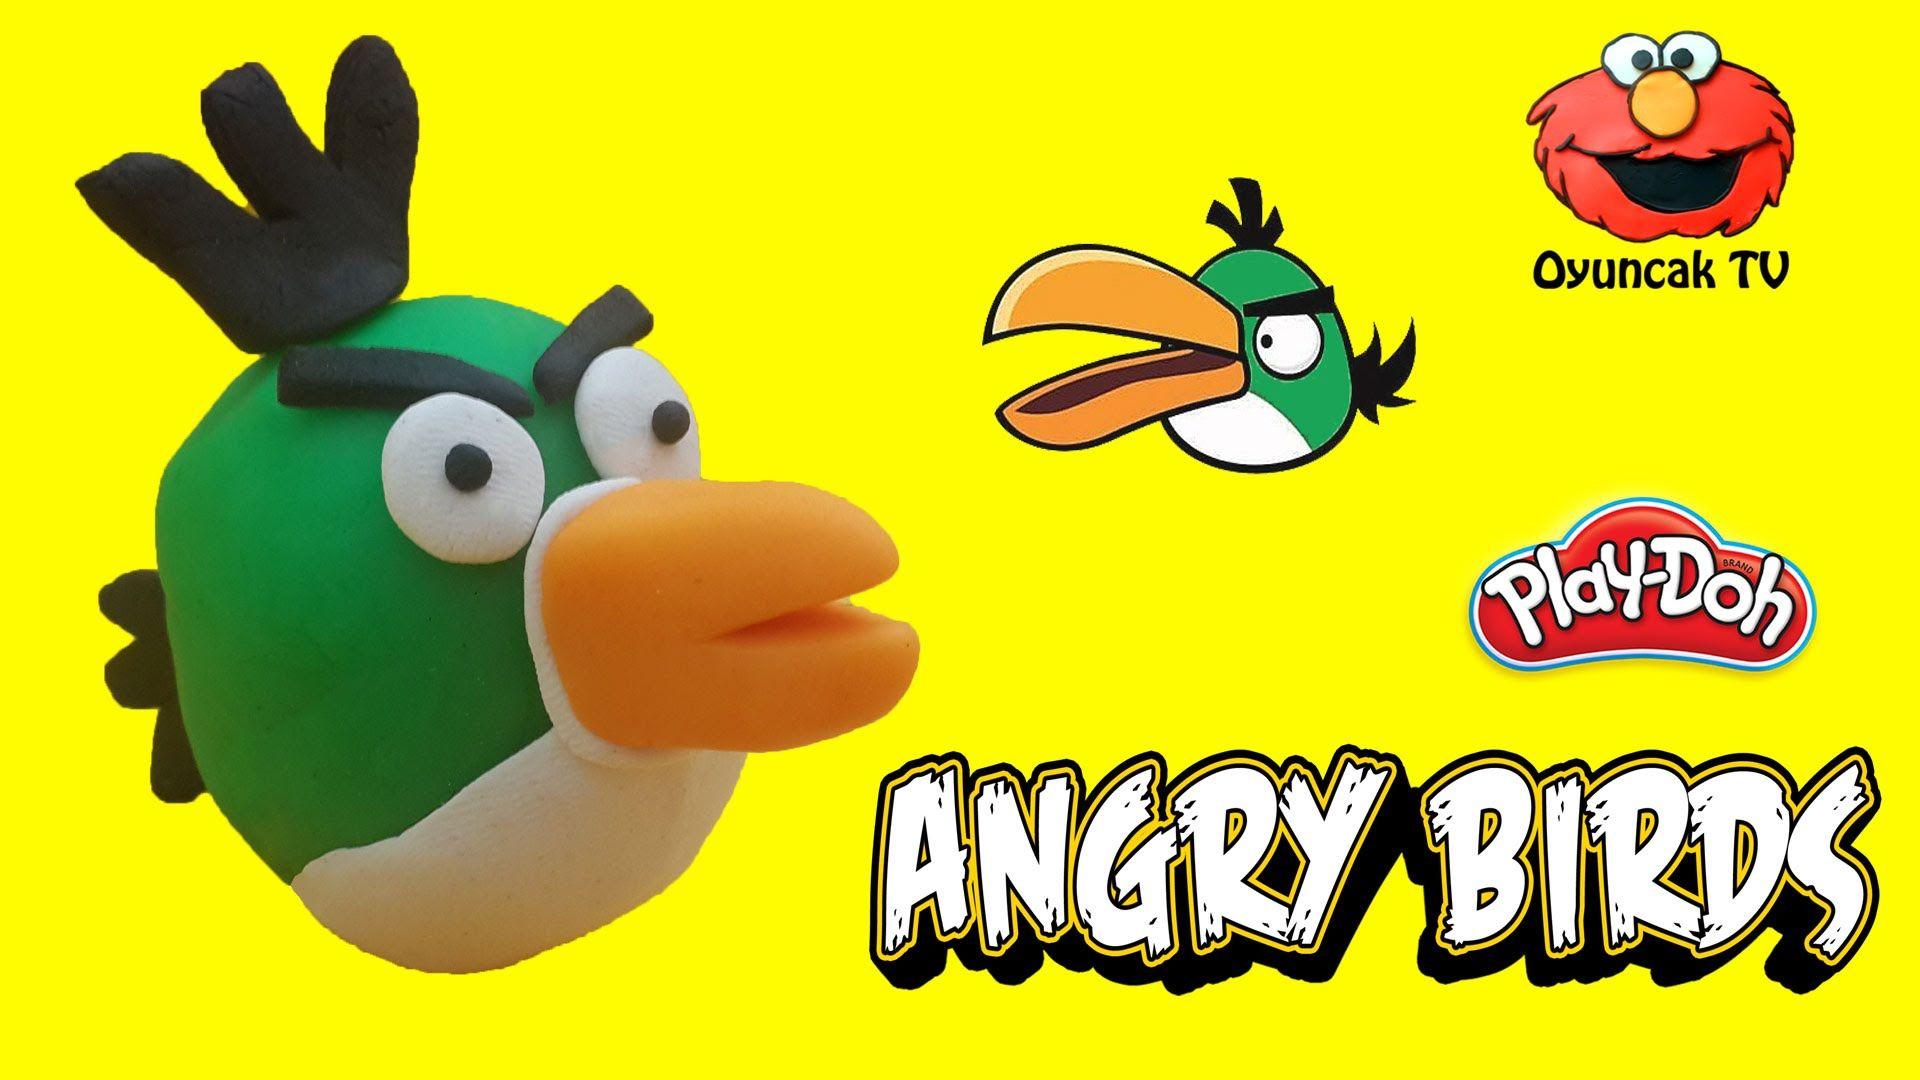 Angry Birds Buyuk Gagali Yesil Kus Play Doh Oyun Hamuru Ile Yapimi Oyuncak Tv Angry Birds Play Doh Oyun Hamuru